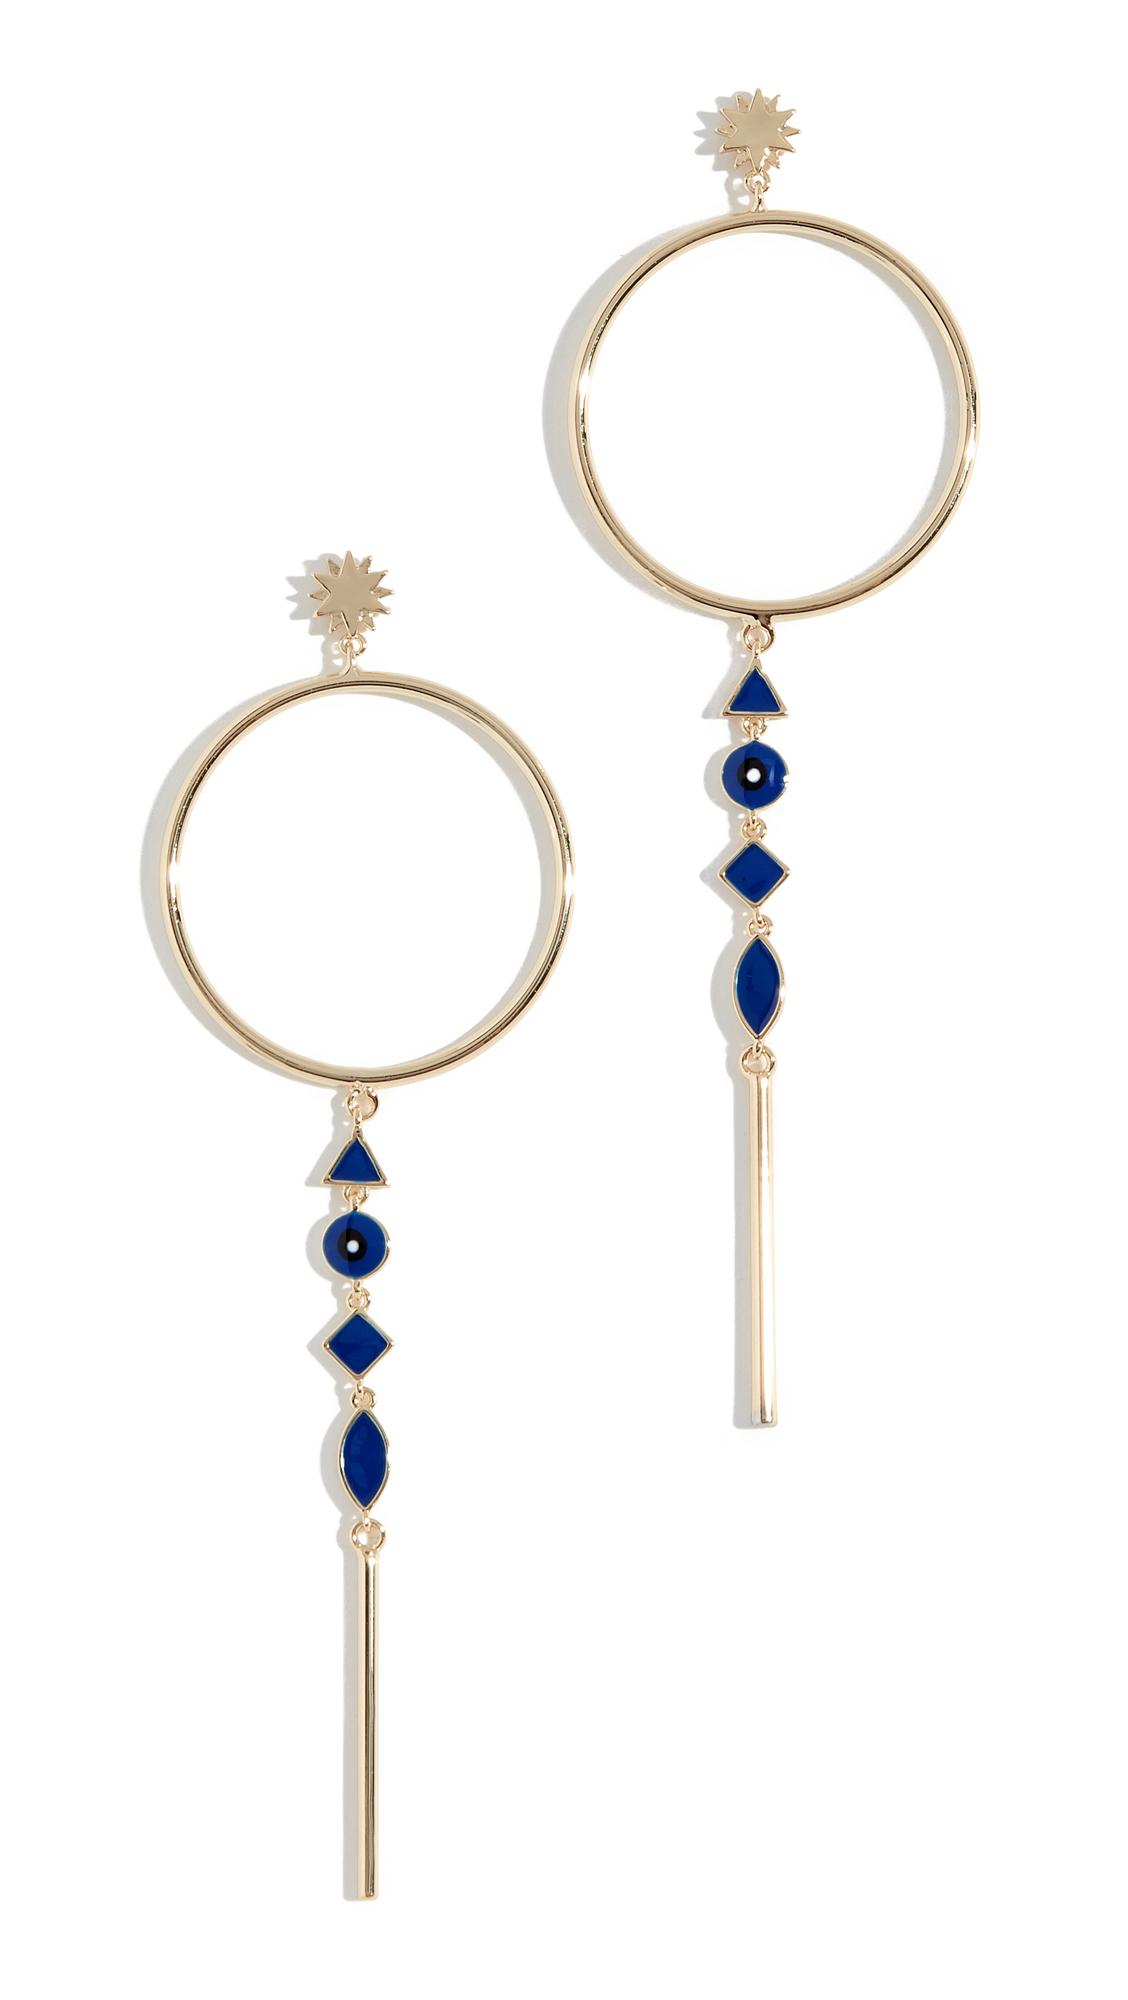 JULES SMITH Star Gazer Earrings in Gold